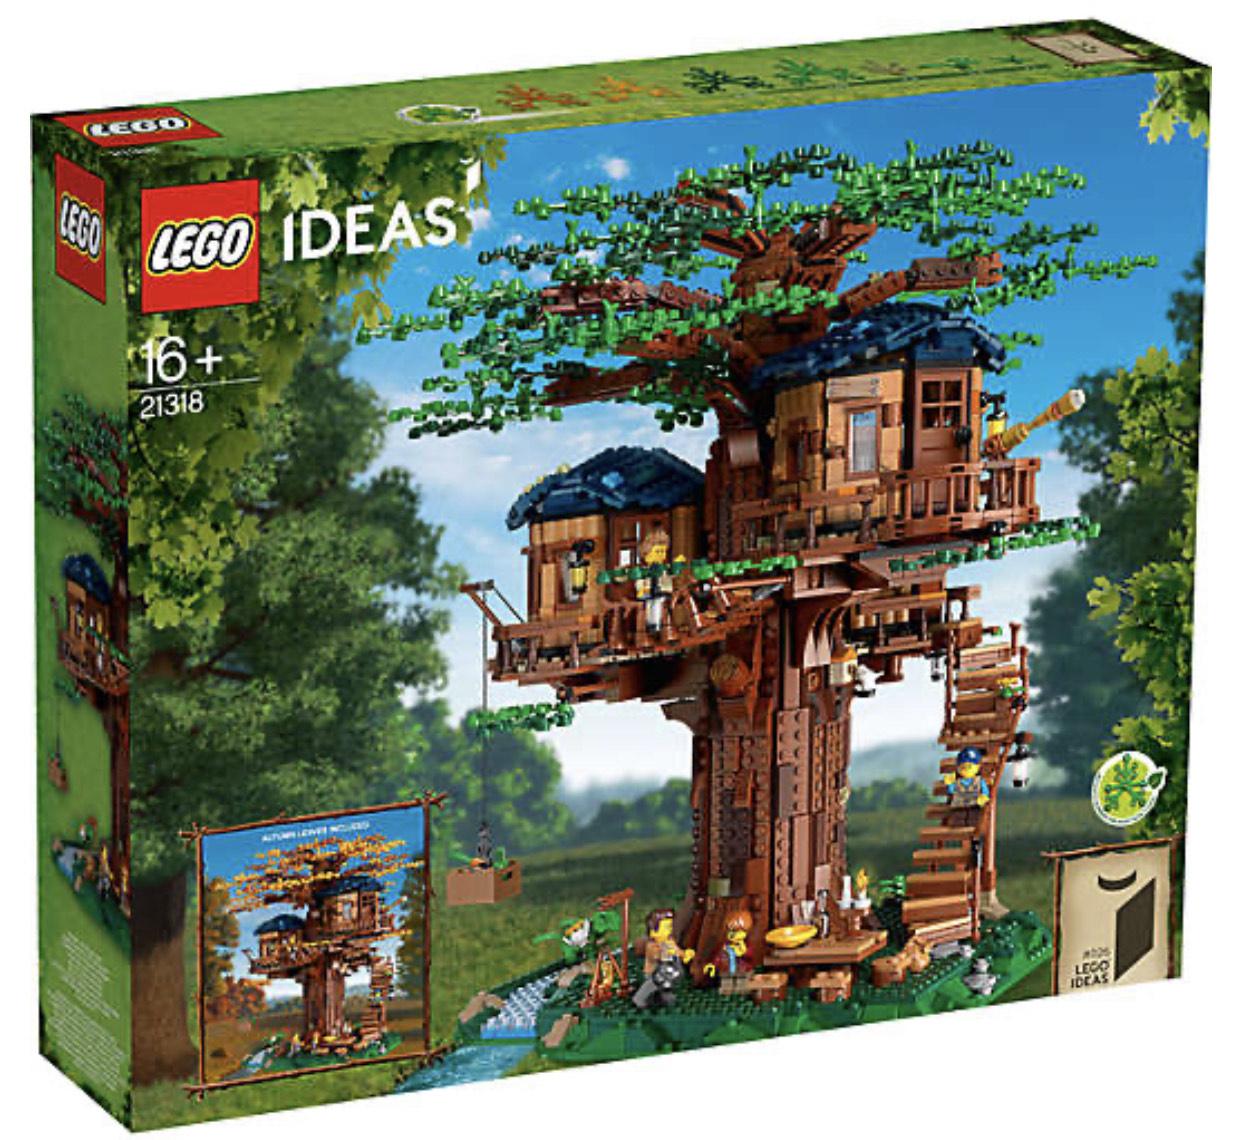 [Paydirekt] Lego 21318 Ideas: Baumhaus für 162€ + 6% Casback (152,87€ mit Shoop)